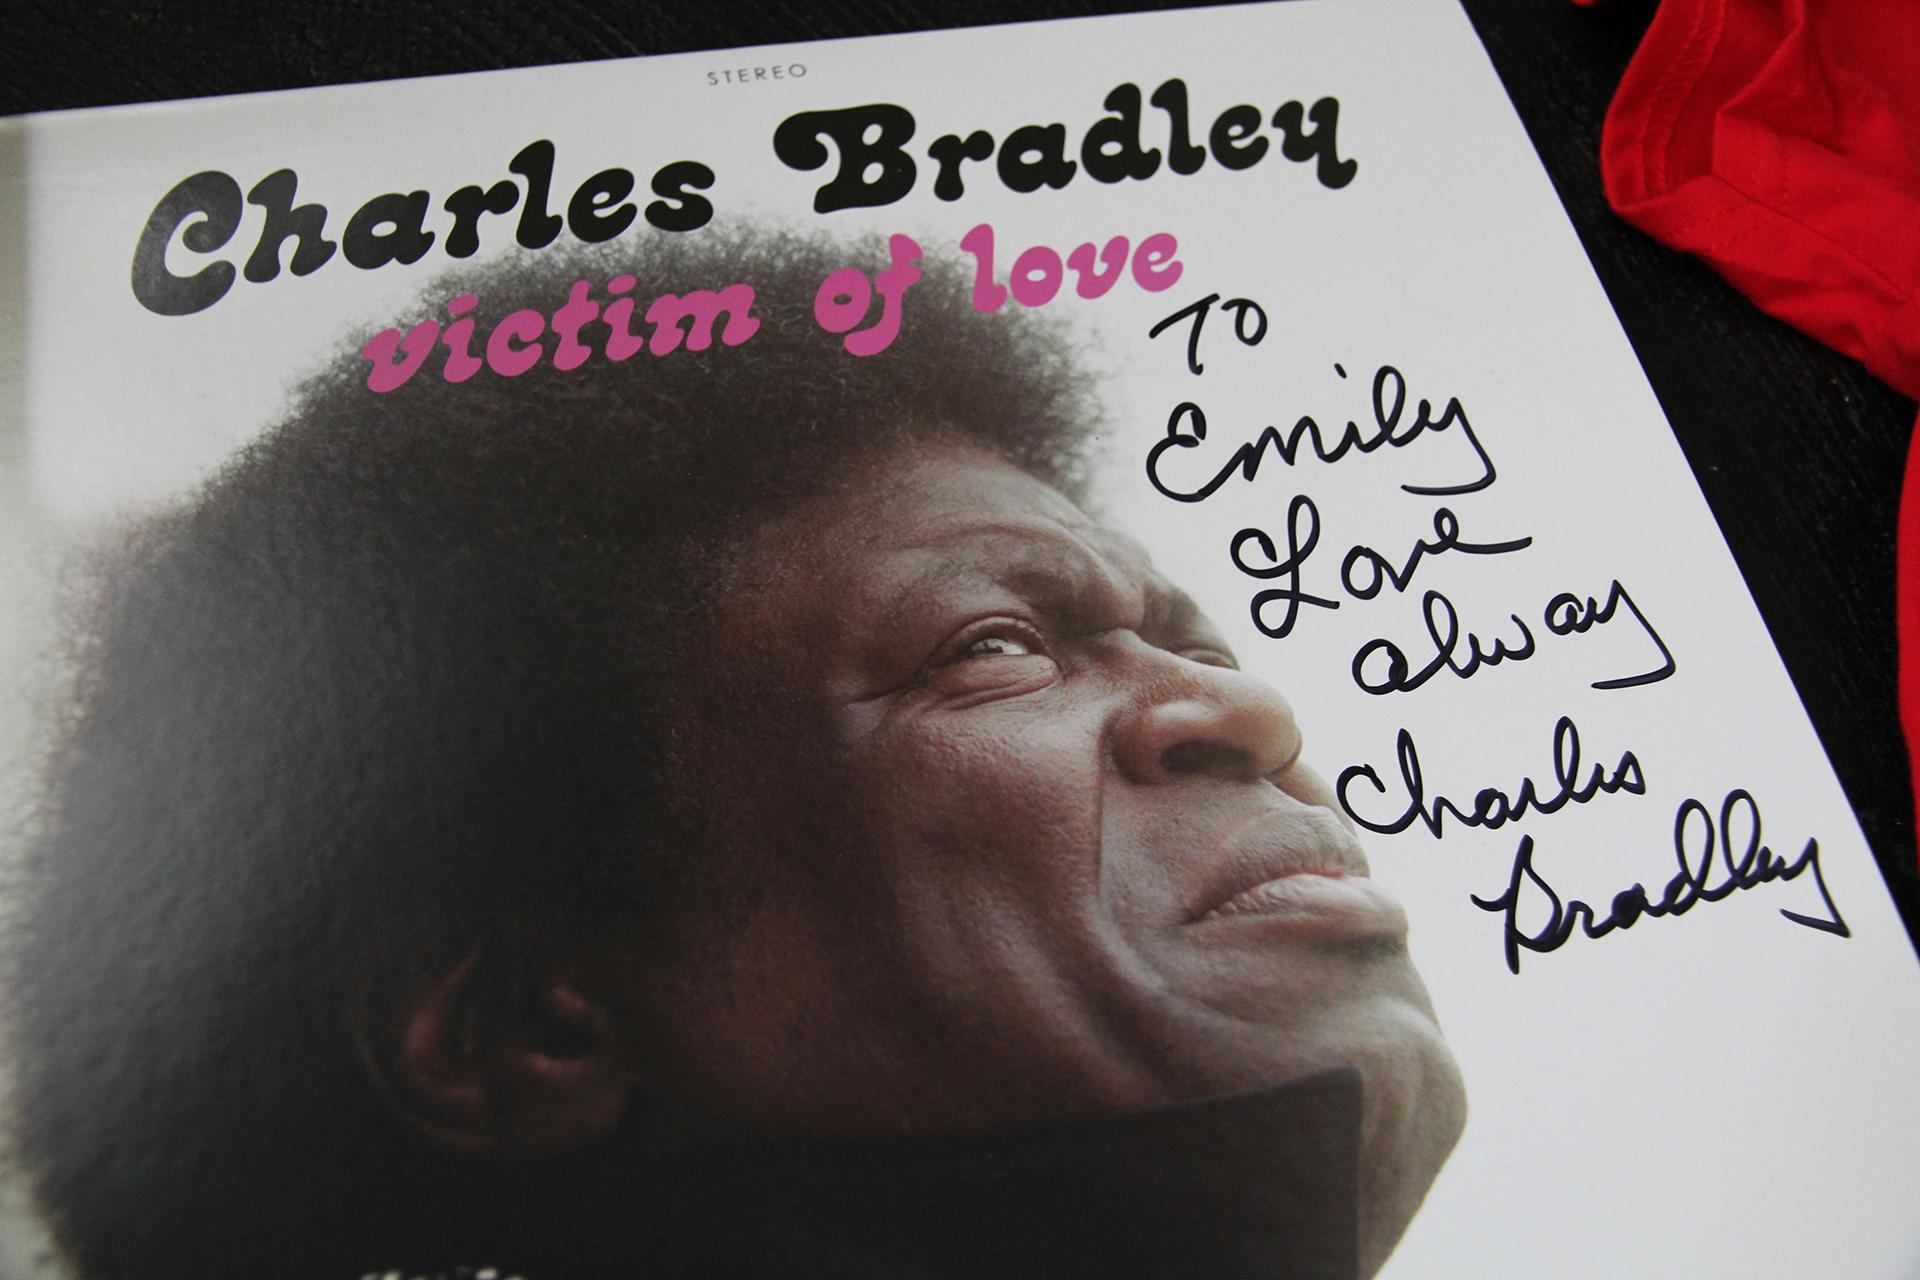 EmilyScaifeCharlesBradley141